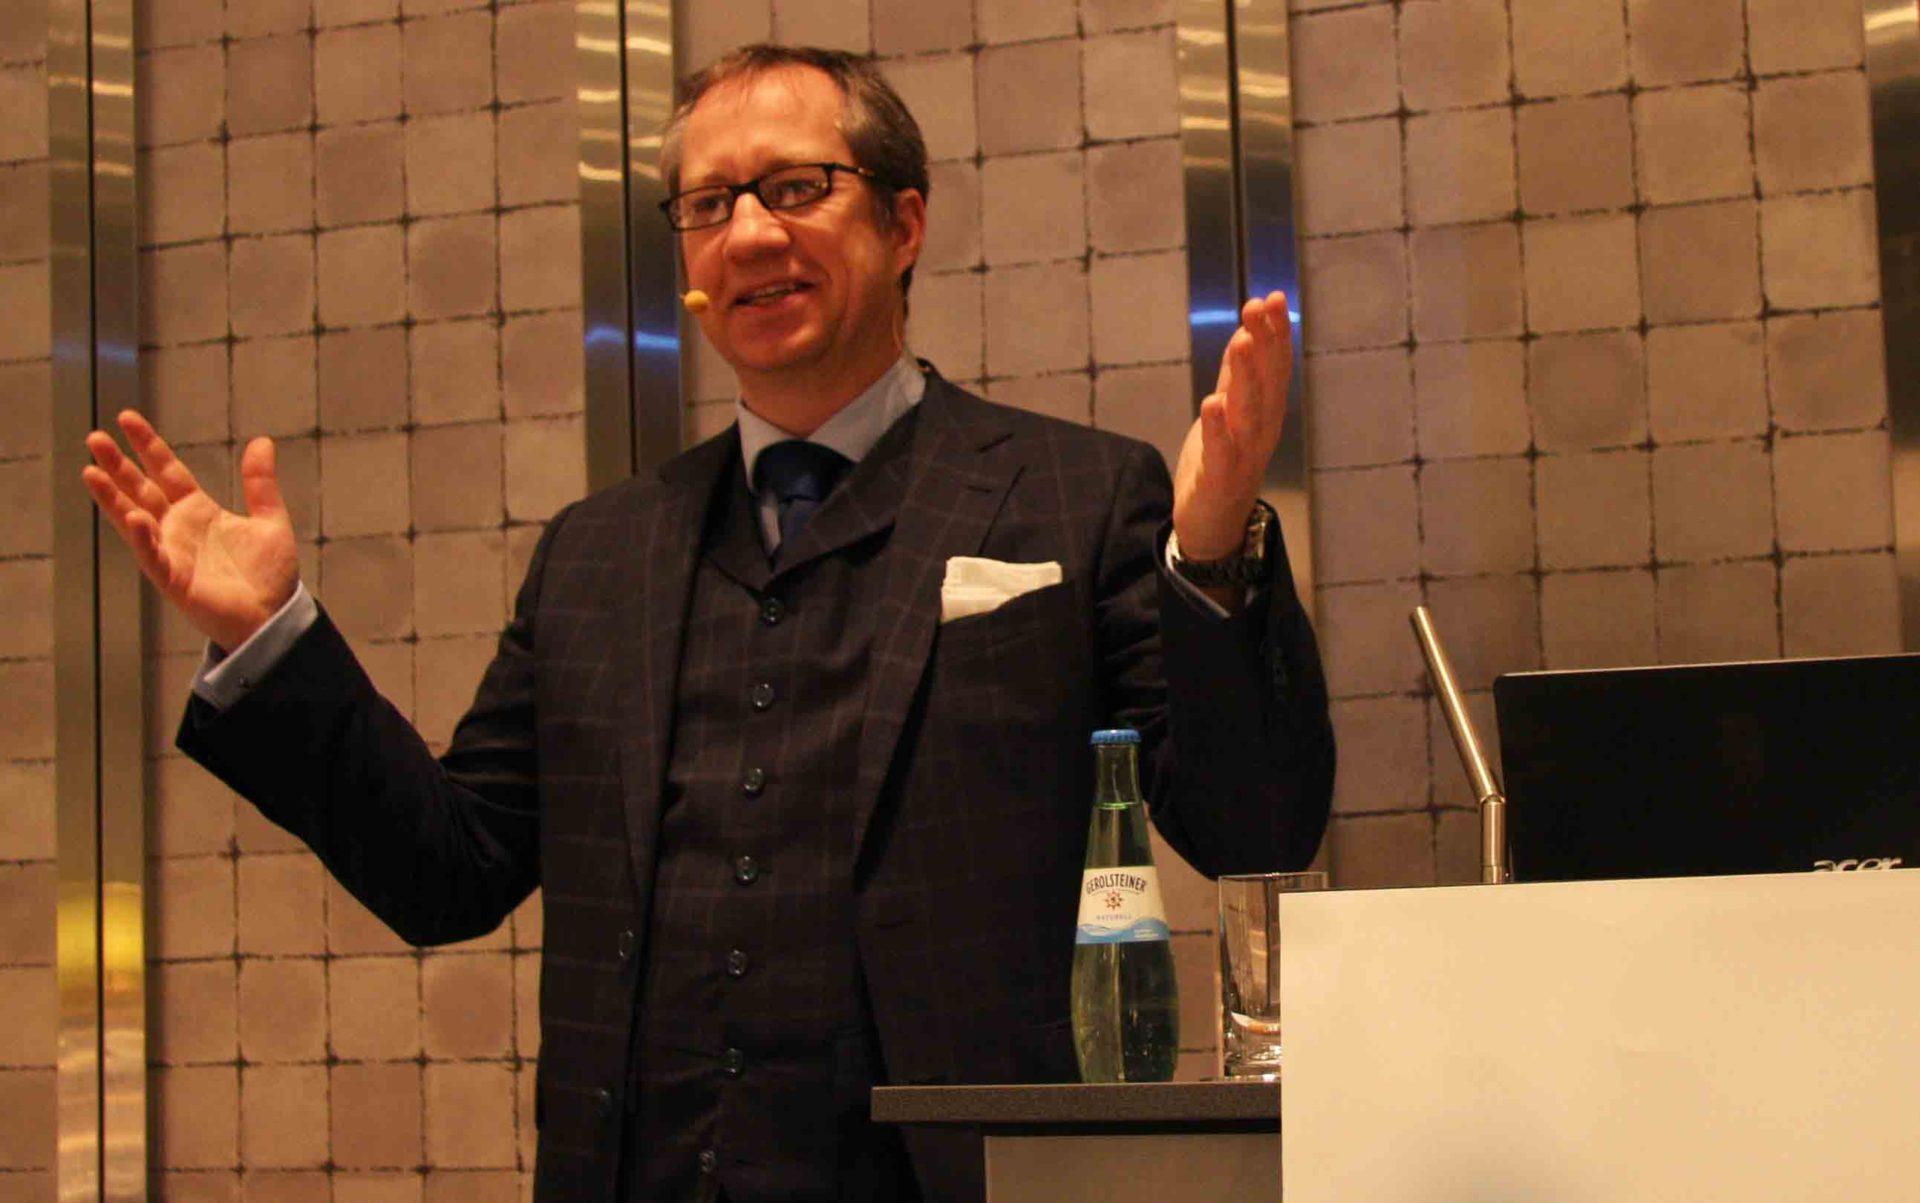 Langweilige Unternehmensveranstaltungen gehören der Vergangenheit an, denn Kabarettist Dr. Jens Wegmann weiß Abhilfe. - copyright: privat